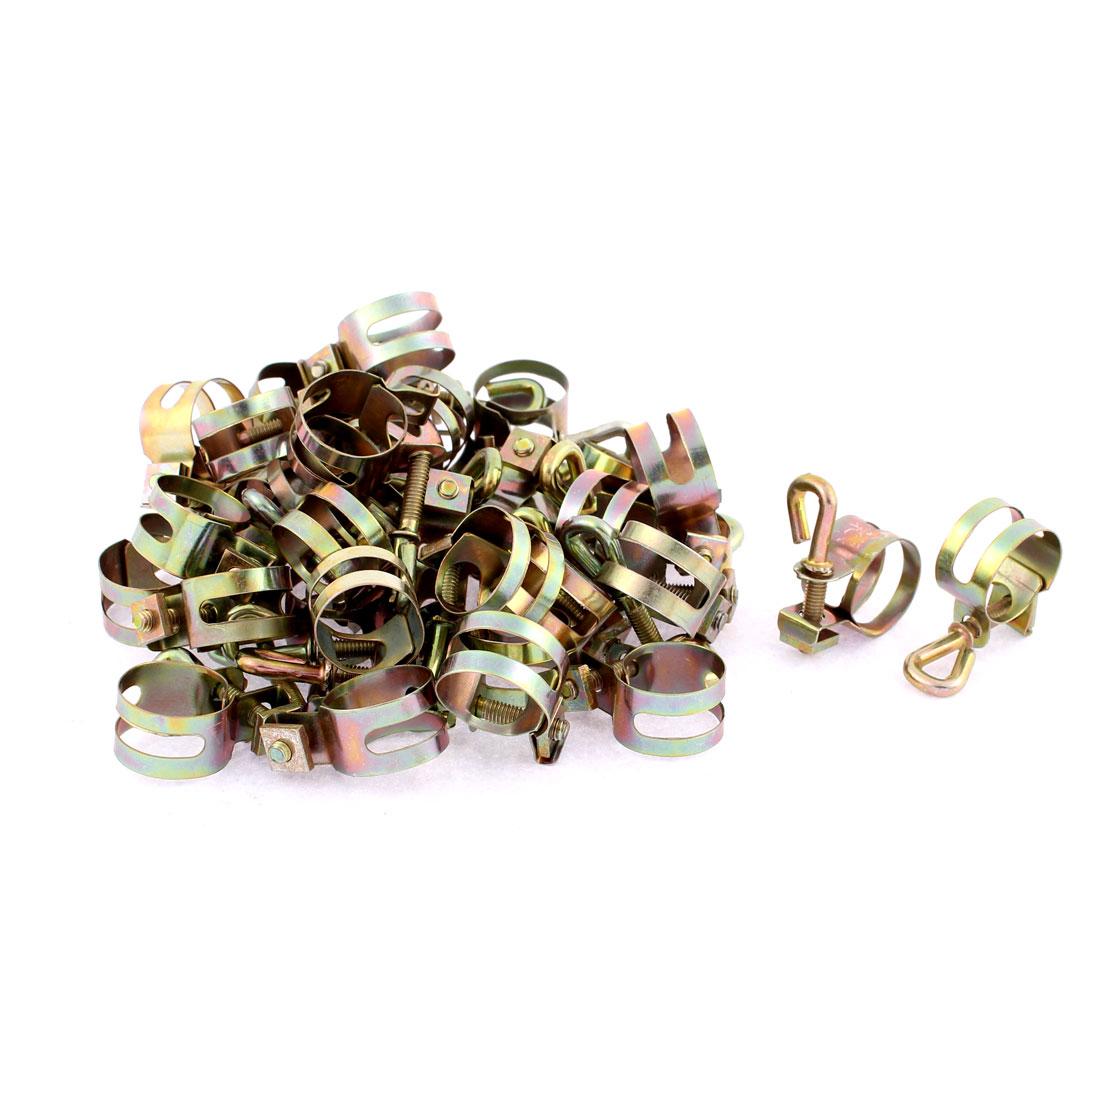 Adjustable 13-16mm Range Fuel Line Drive Worm Gear Hose Clamp Clip 40pcs